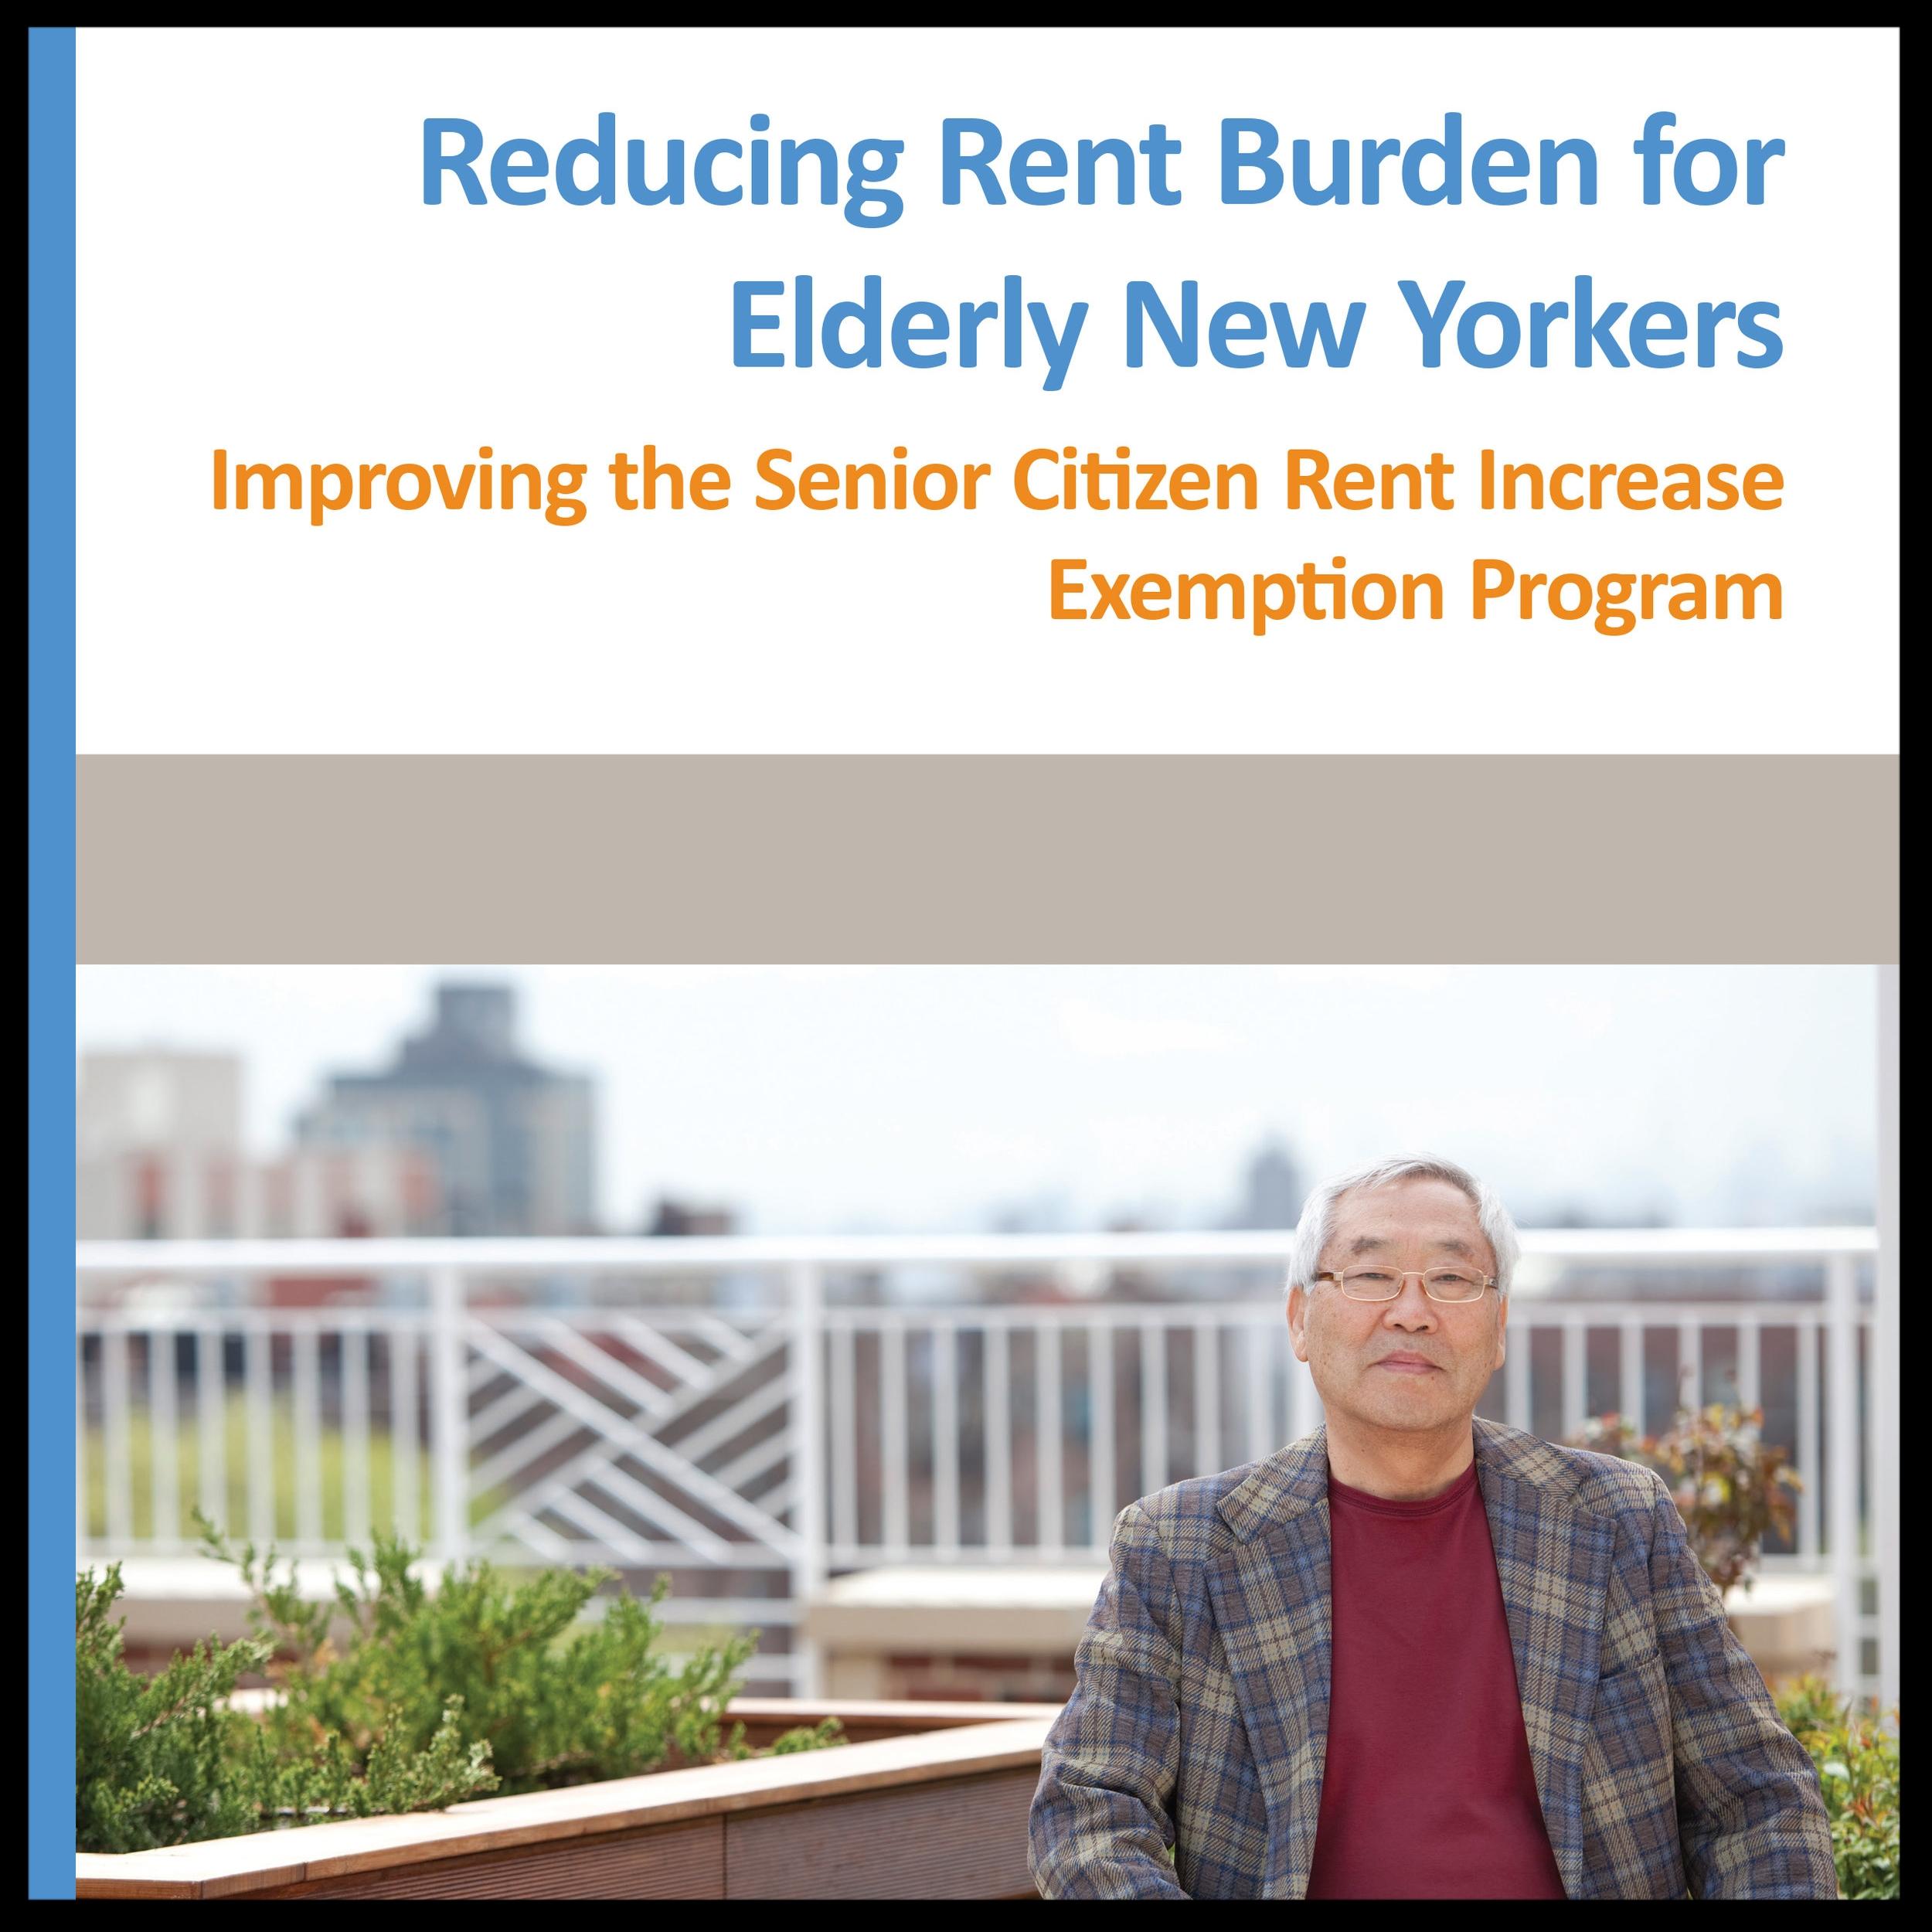 Reducing-Rent-Burden-SCRIE-Report_cover.jpg